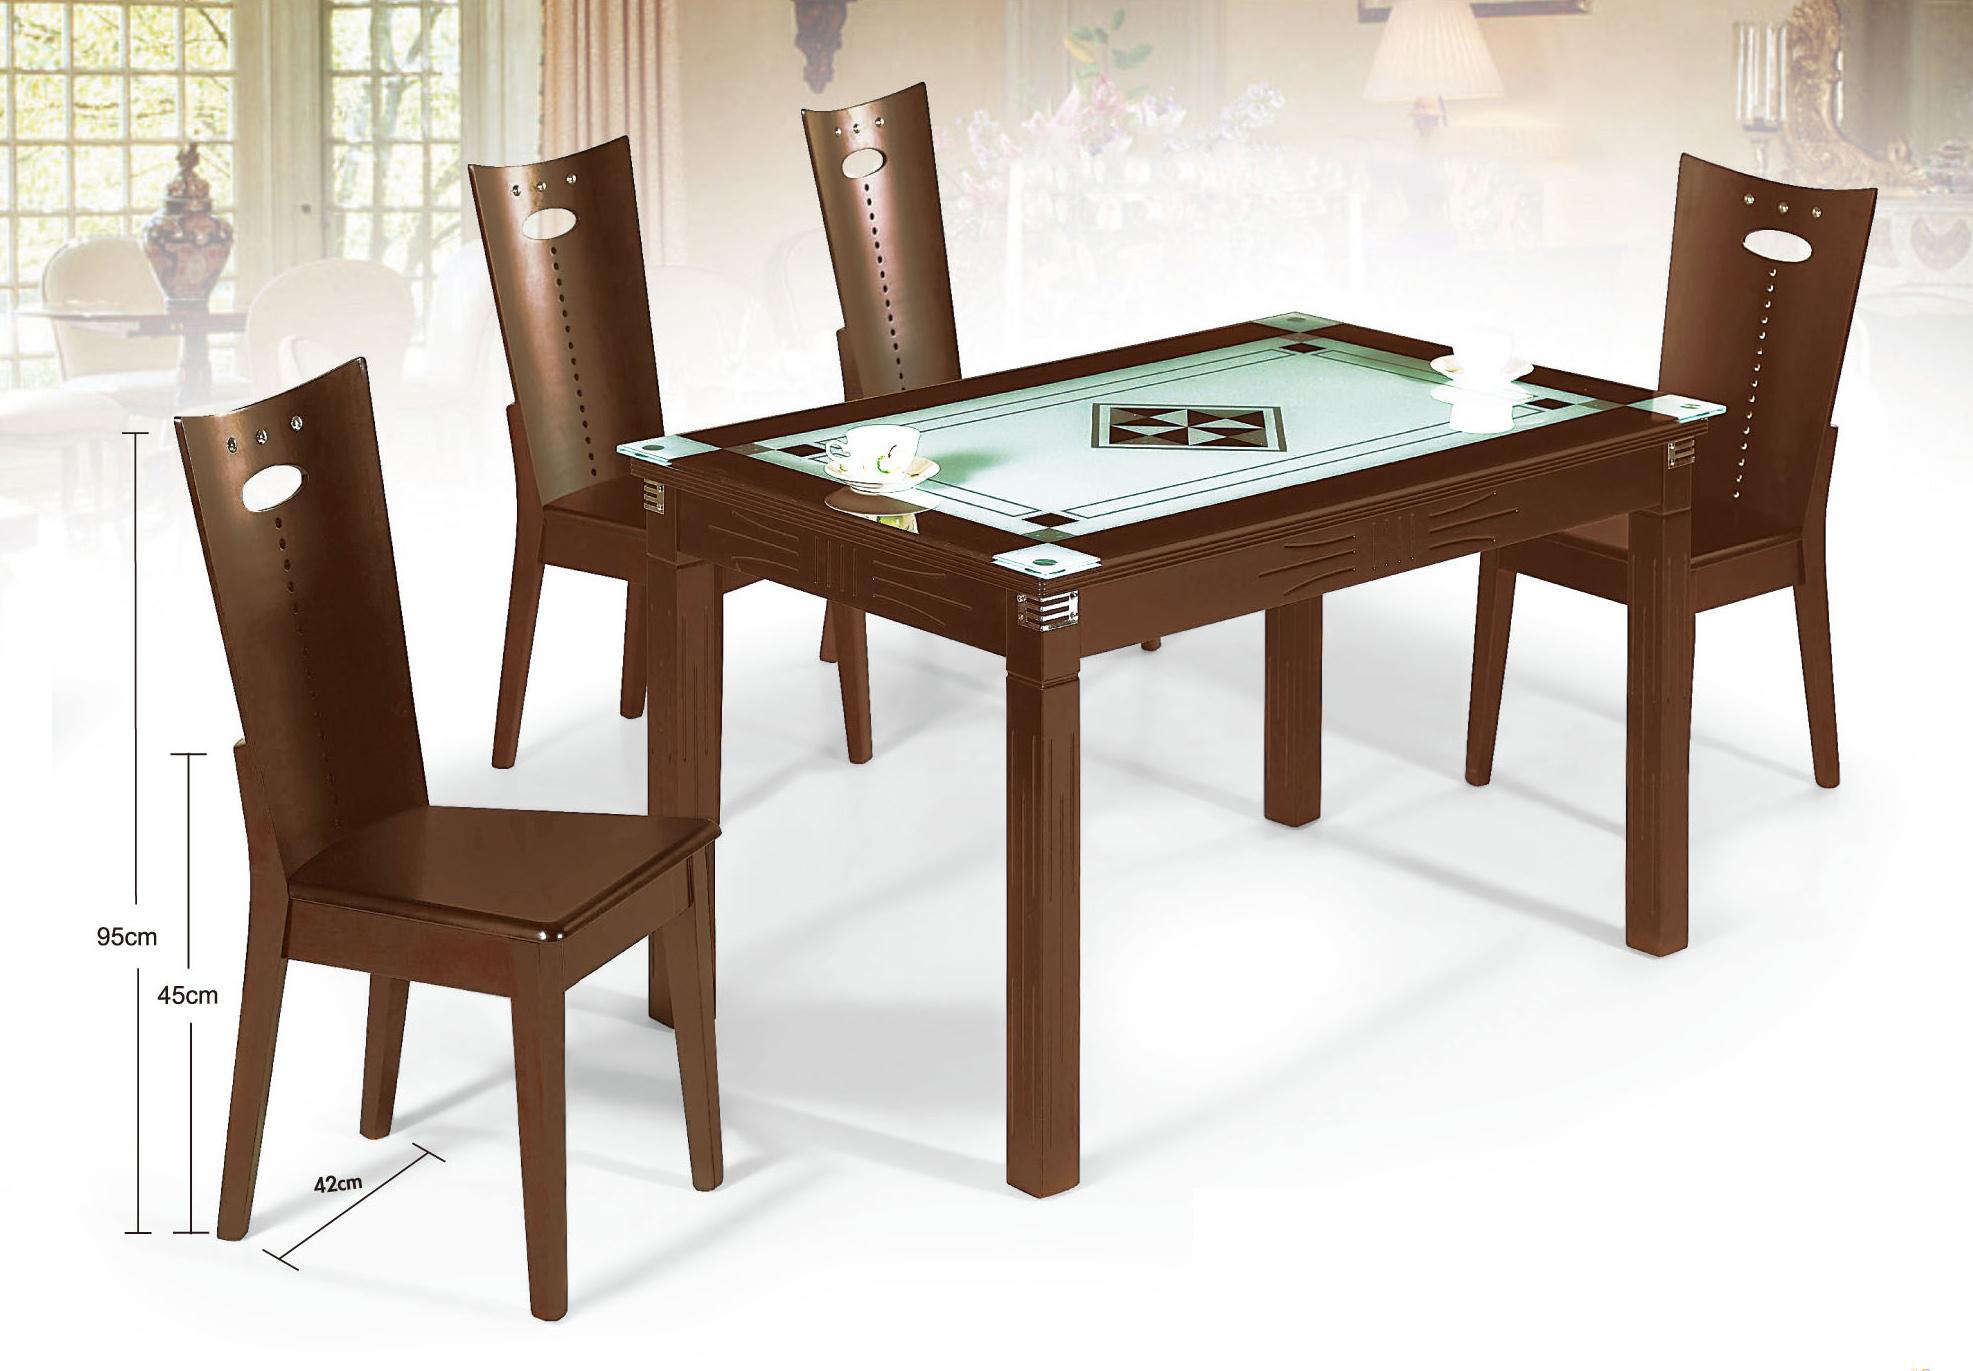 【尚品傢俱】JJ-7203 胡桃木餐桌